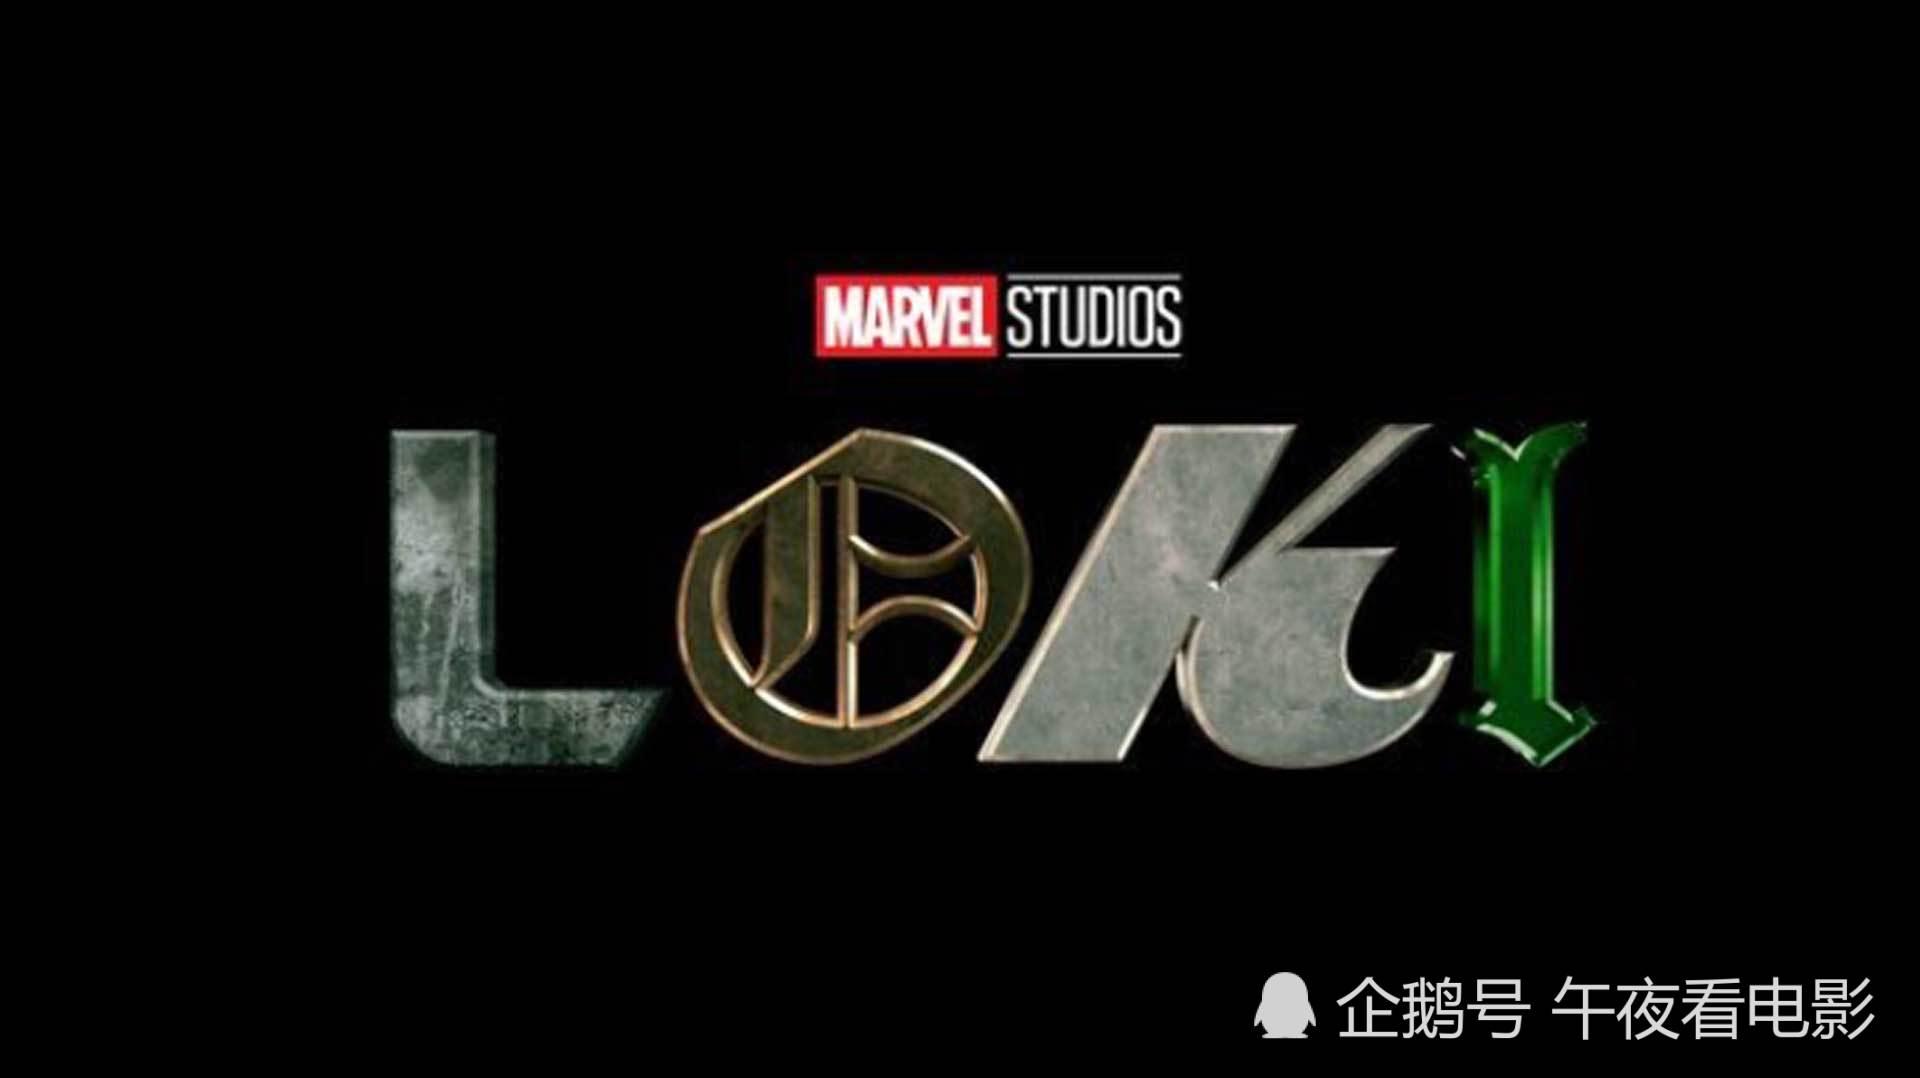 漫威影业正式宣布《洛基》系列原创剧,由汤姆希德勒斯顿主演!